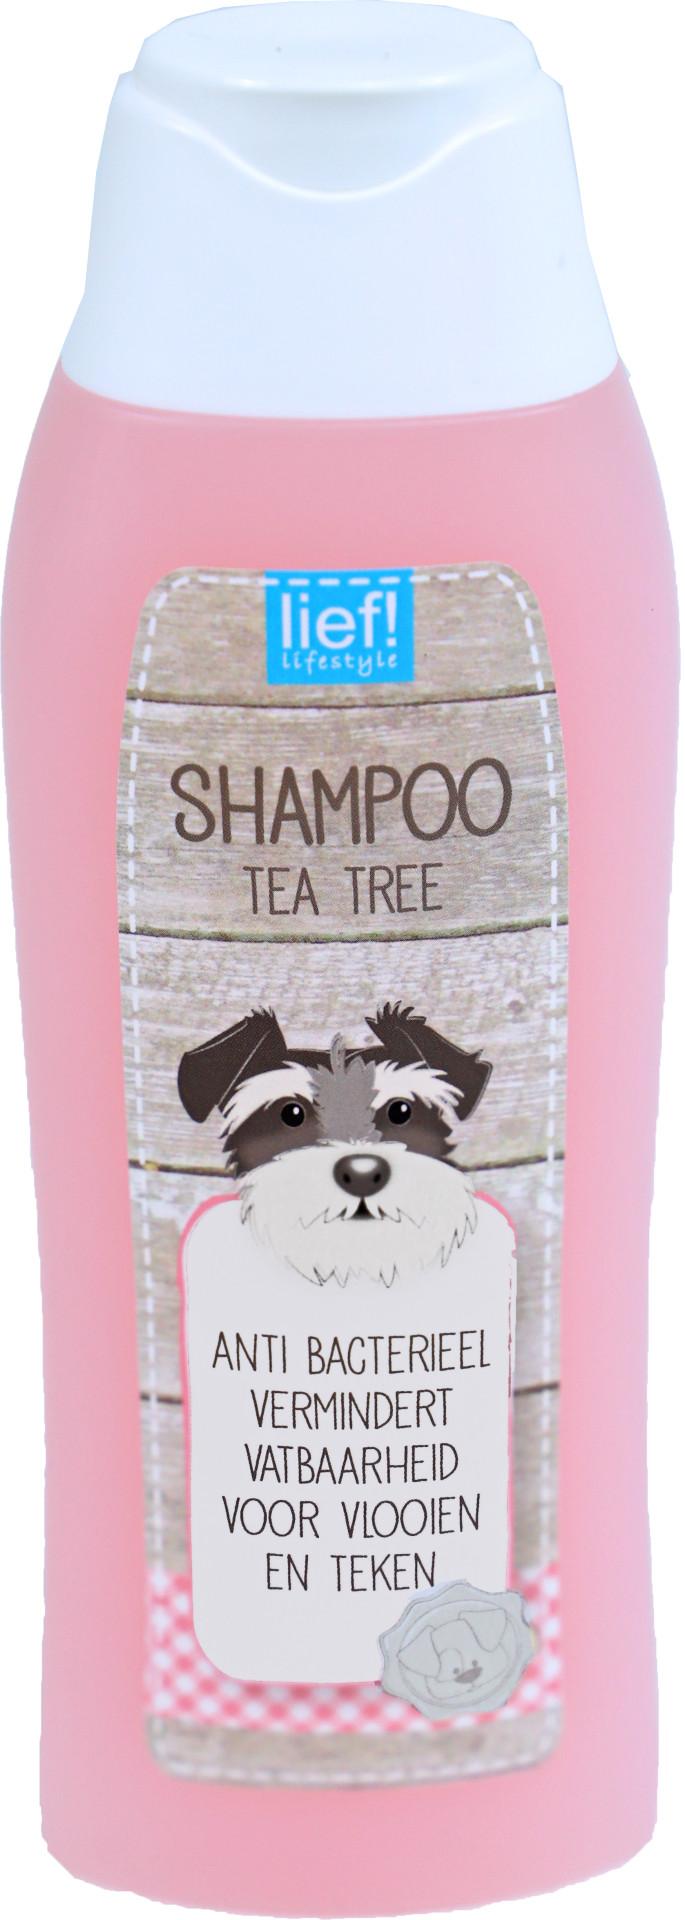 lief! lifestyle shampoo Tea Tree olie 300 ml